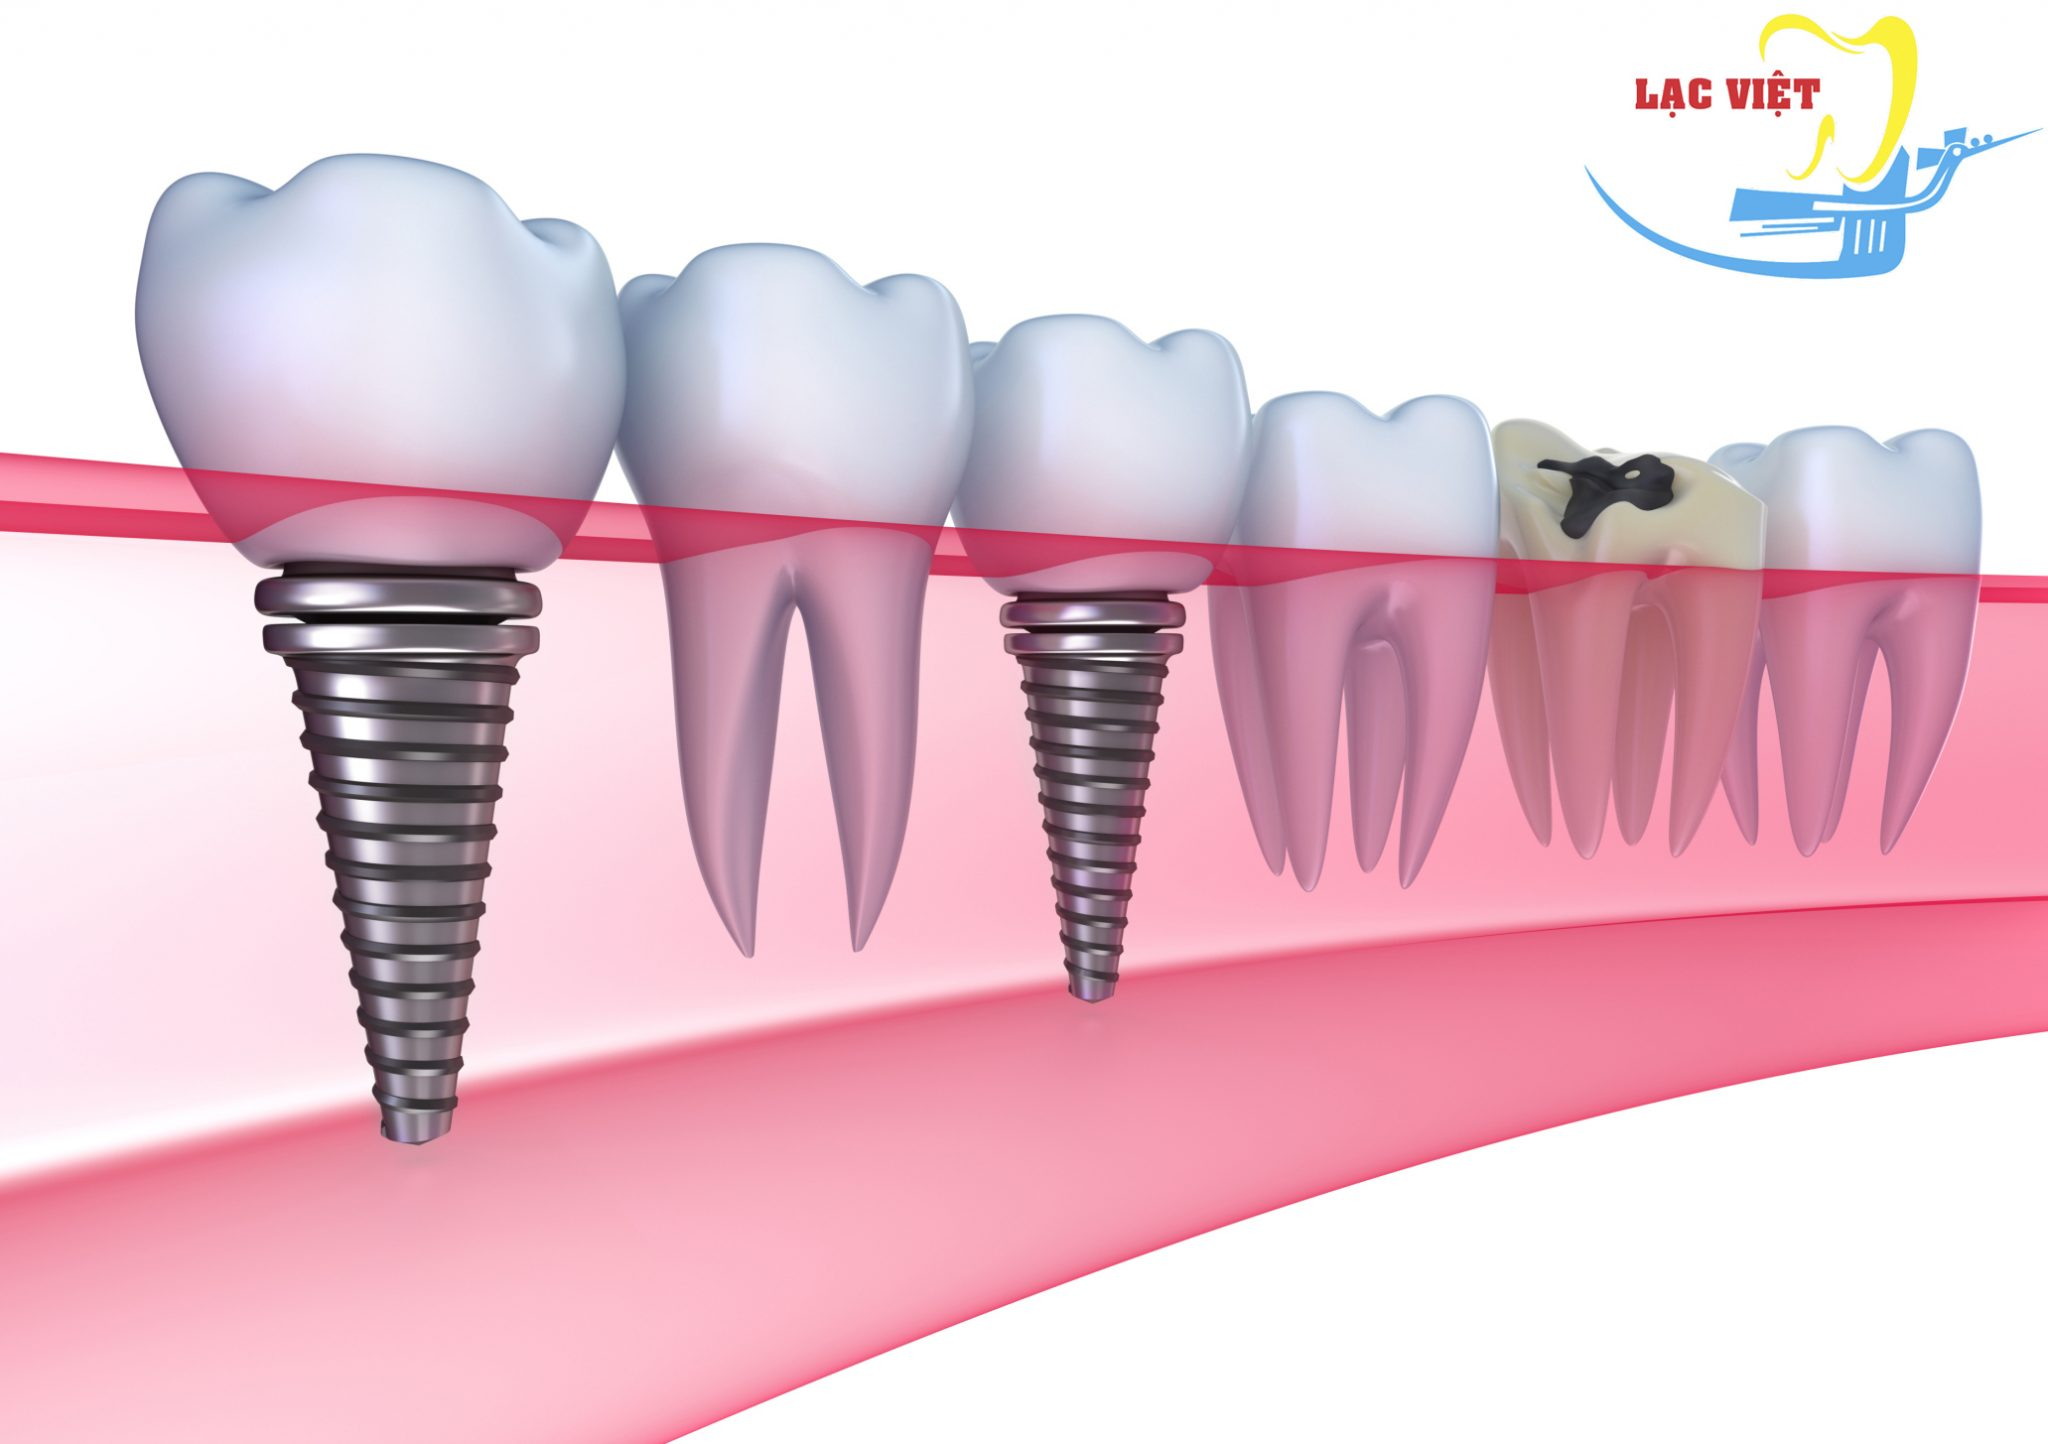 Cấy Ghép Răng Implant ở đâu TỐT và không đau đớn